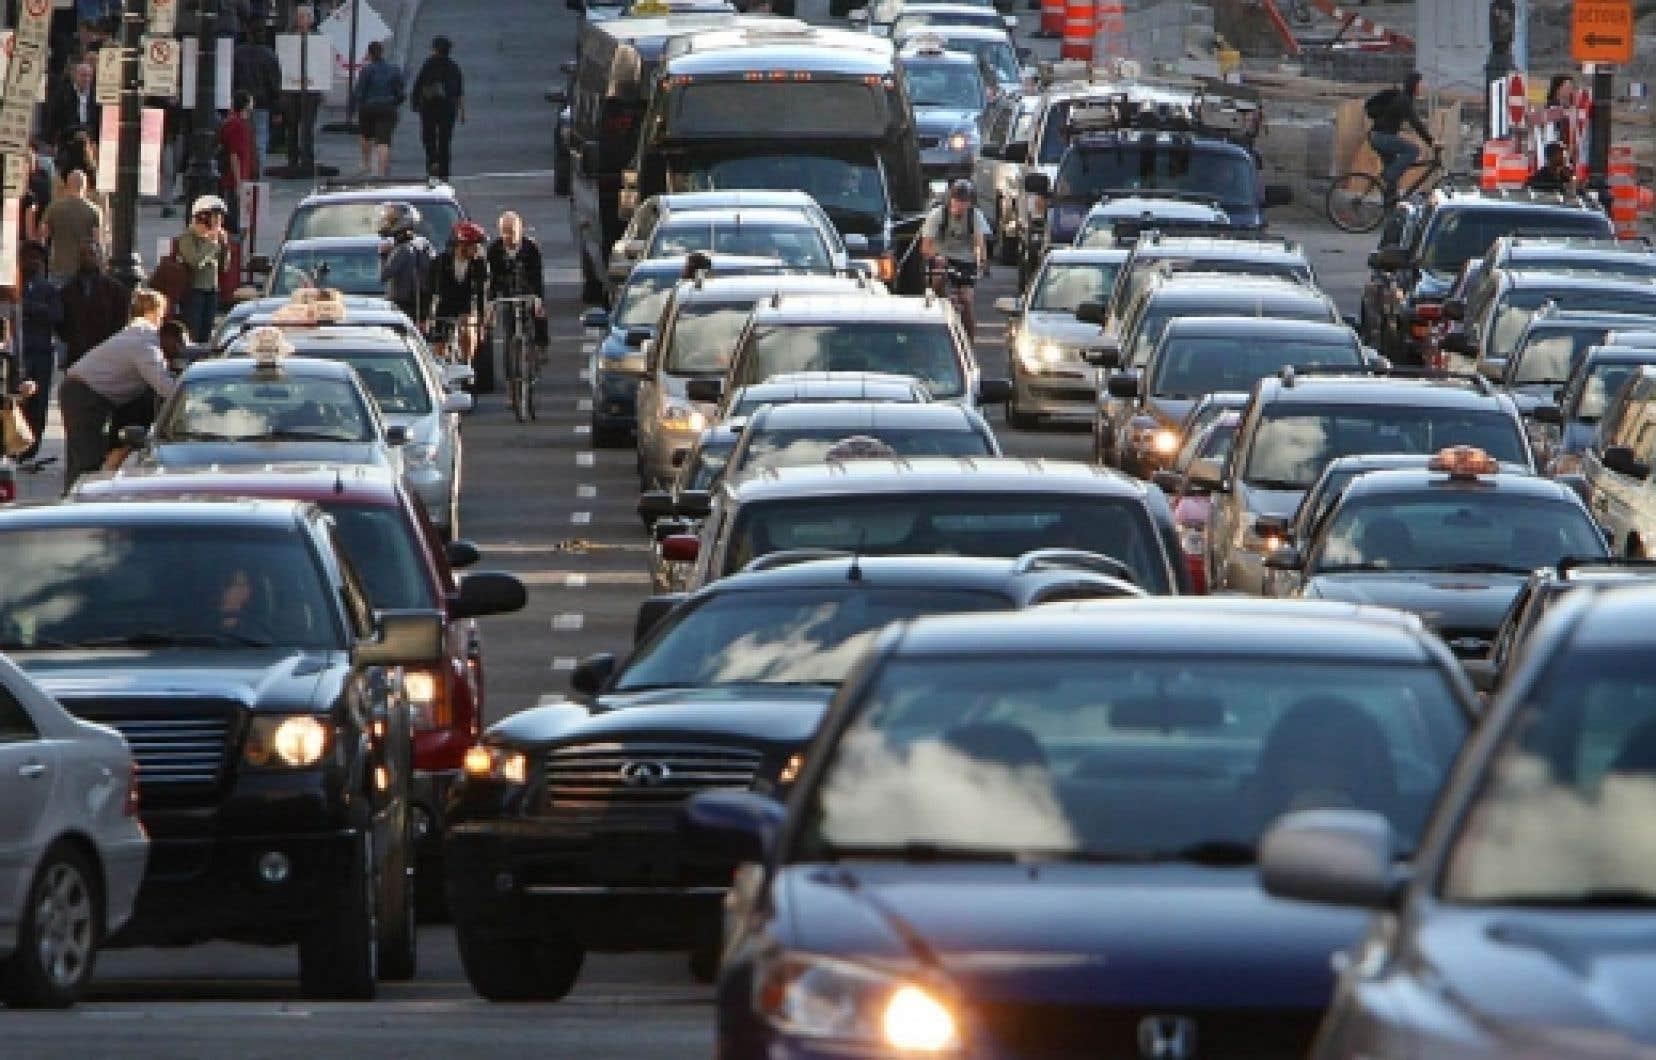 En 2004, 5,2 millions de véhicules (dont 3,8 pour la promenade) ont été immatriculés au Québec, selon la Société de l'assurance automobile. Une vague verte plus tard, en 2010, ce nombre d'immatriculations est en hausse, à 5,9 millions. Rappelons que le transport est une source importante de production de gaz à effet de serre.<br />